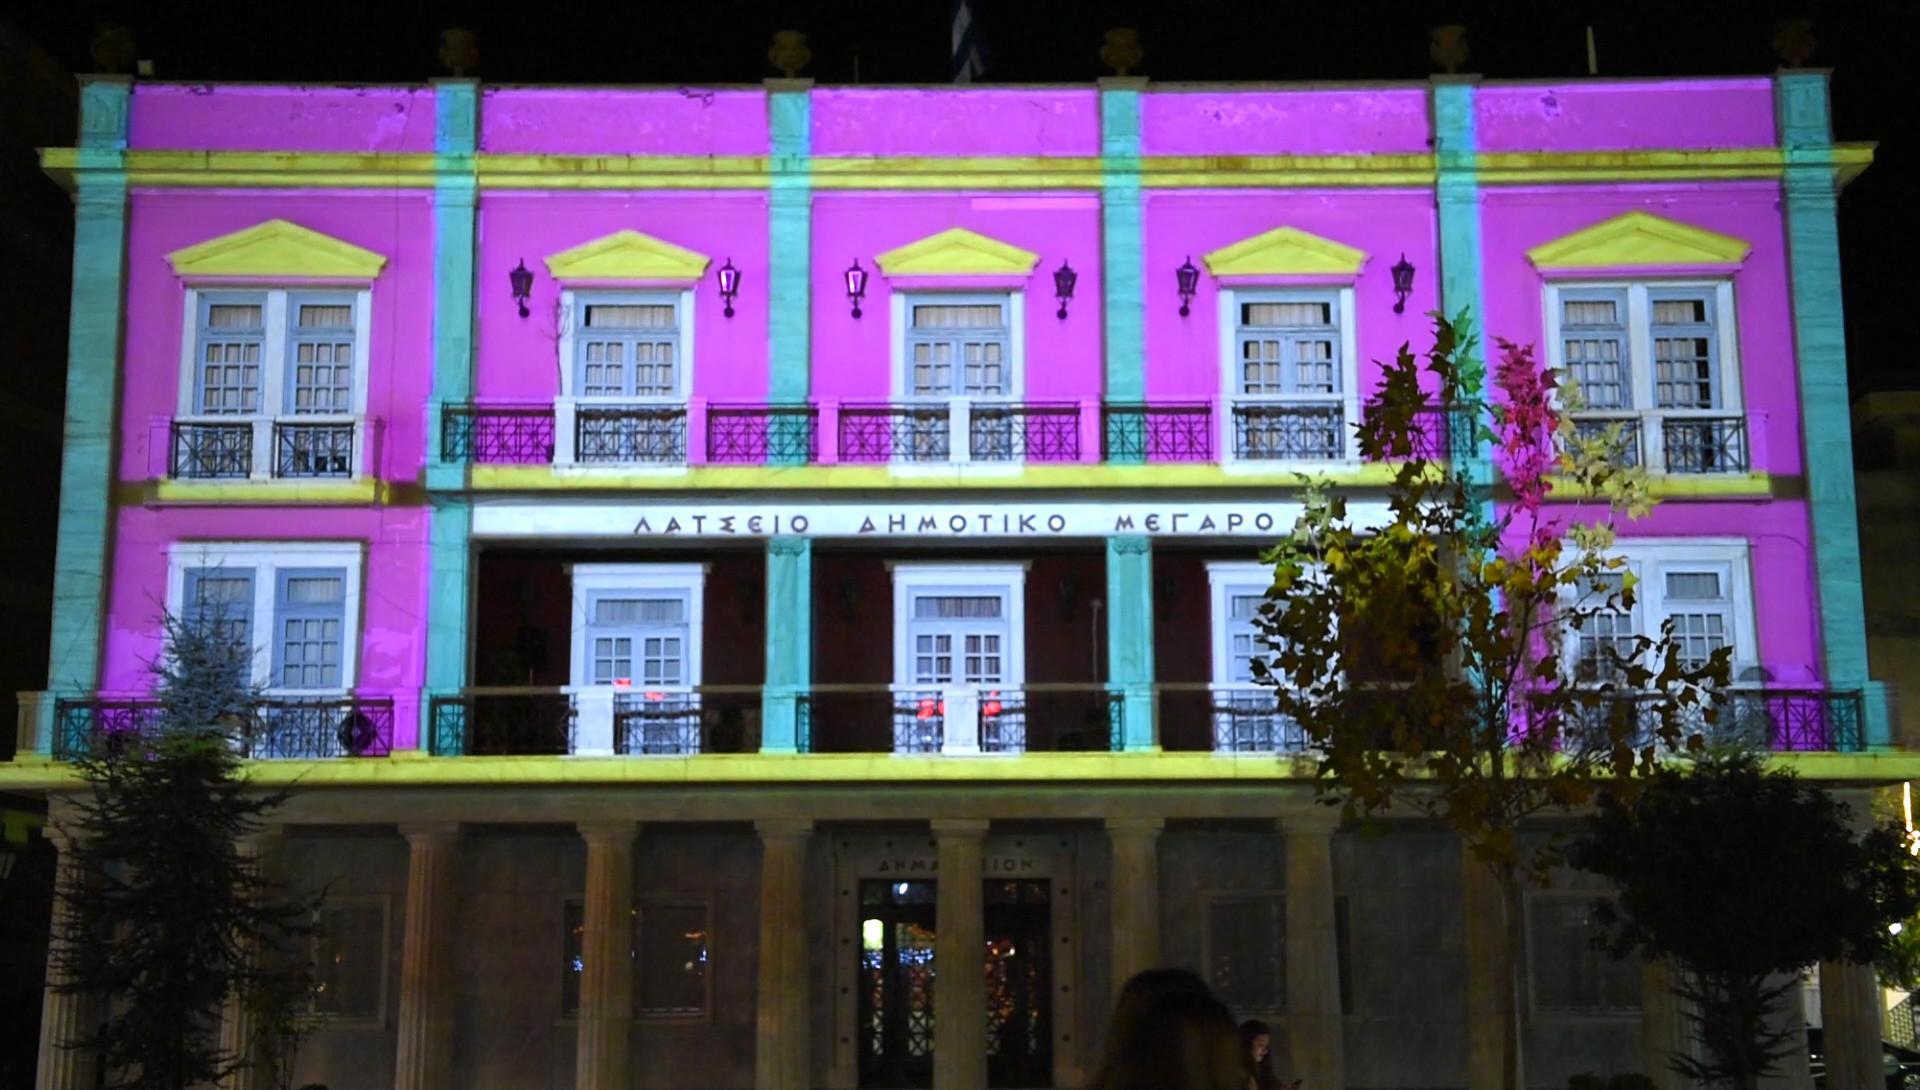 Nikolaos maragkos townhall 006